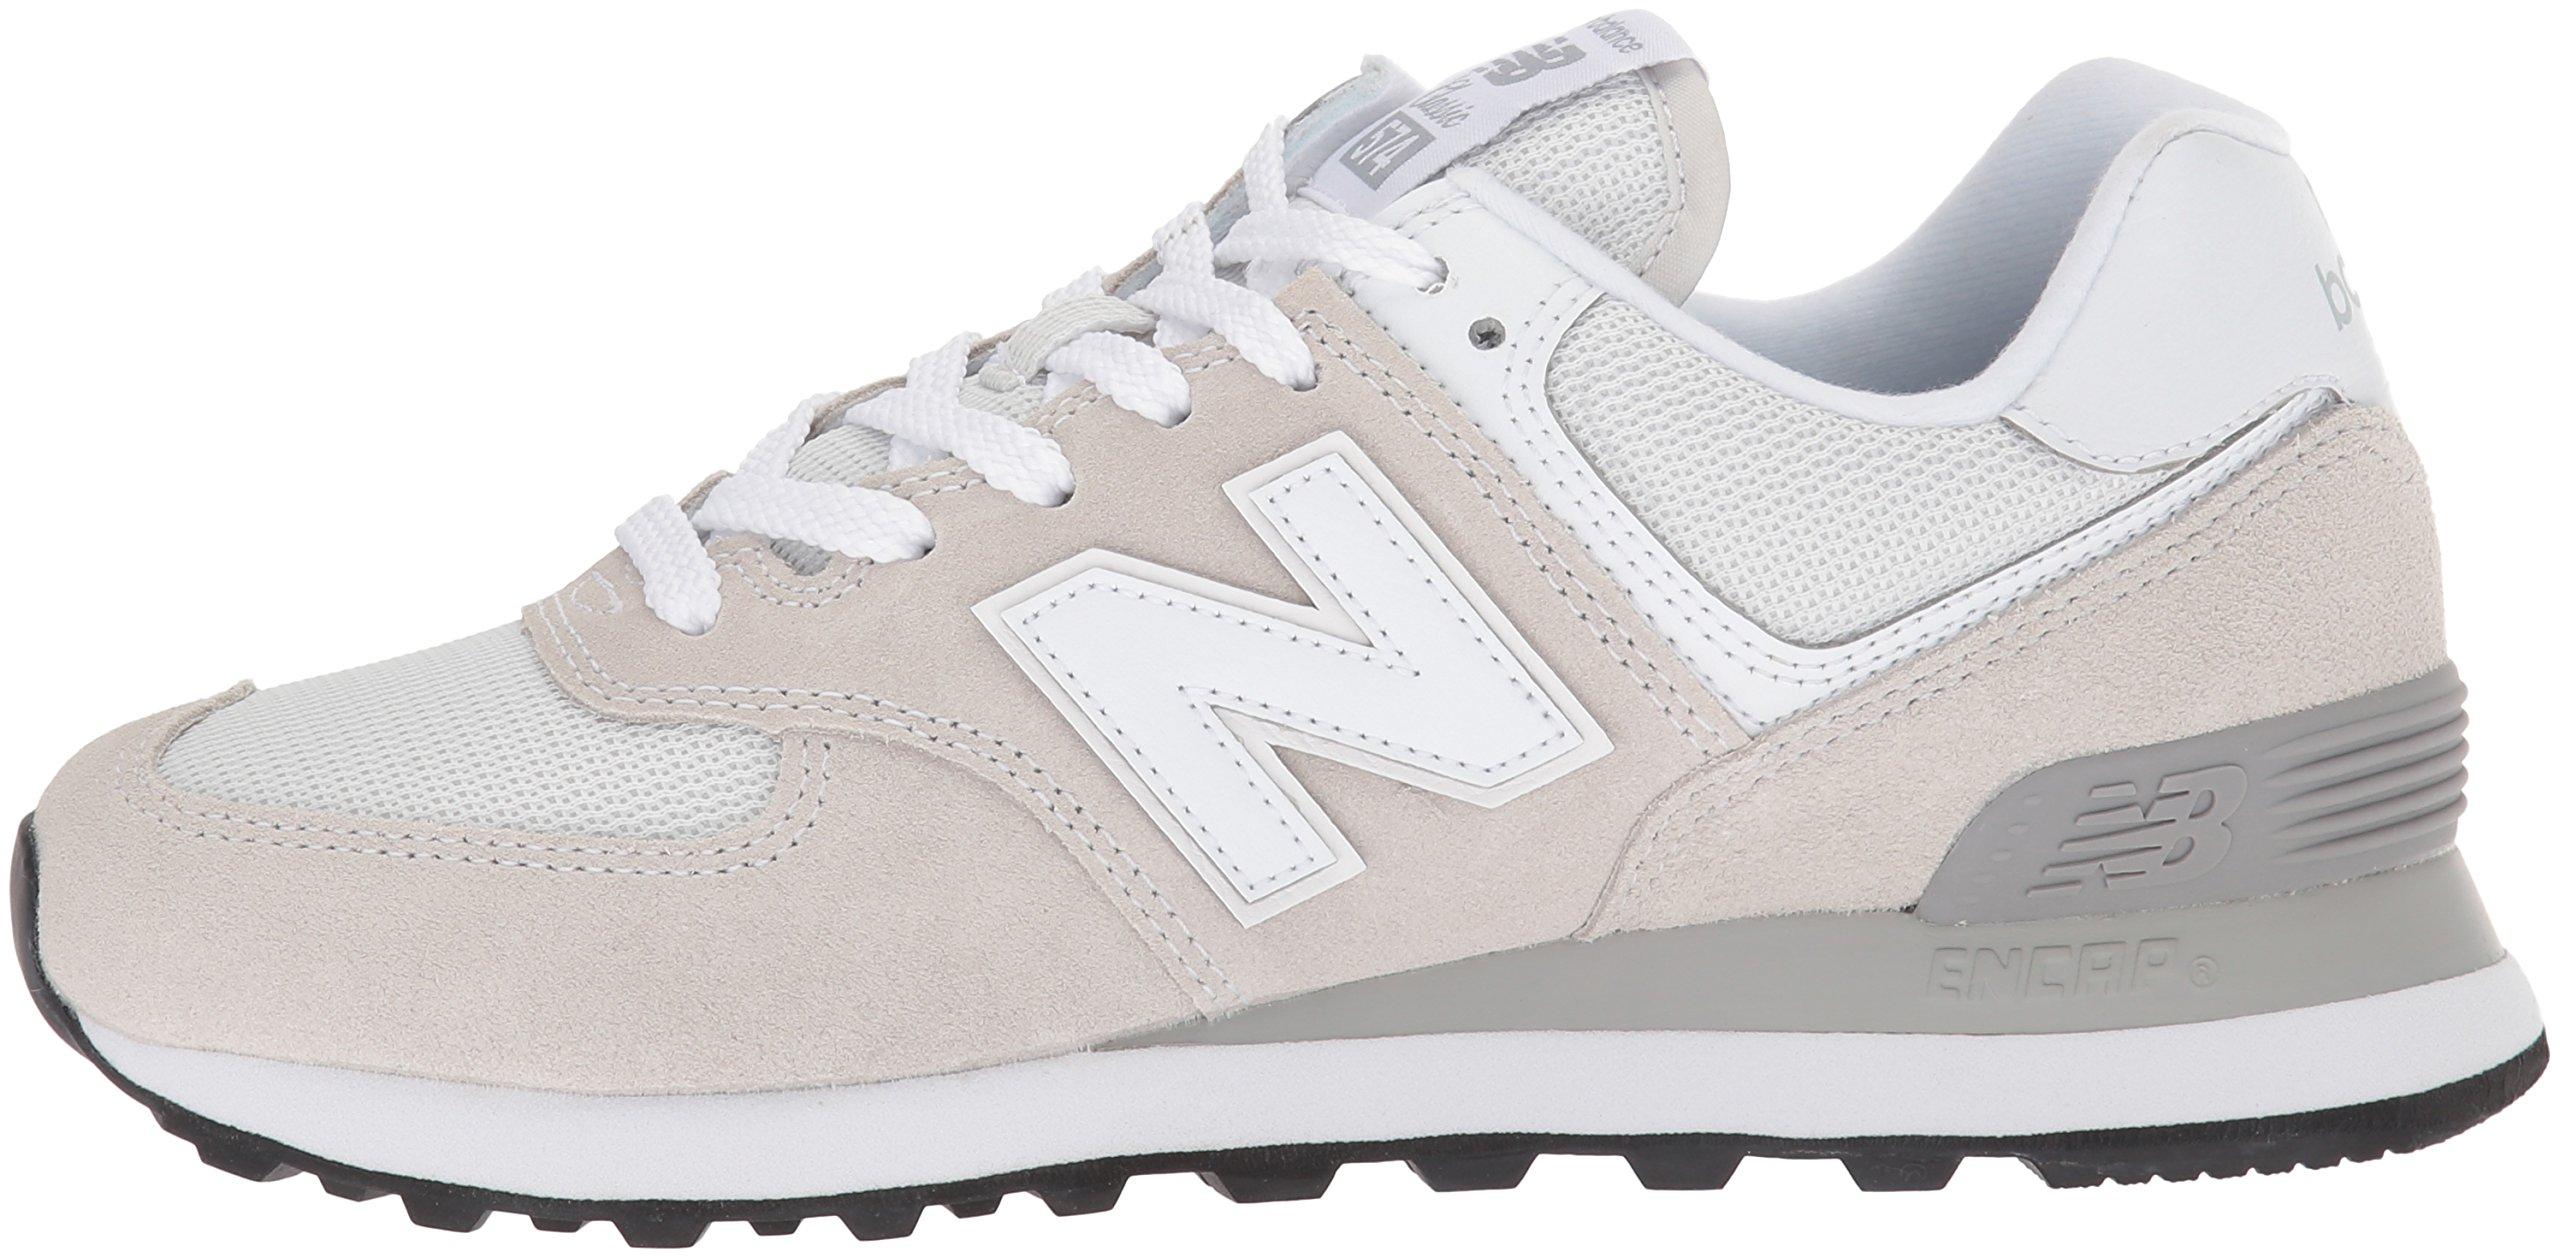 Best Disount New Balance NB574 Mens  Womens Running Shoes Deep Bluenew balance for saleIn Stock